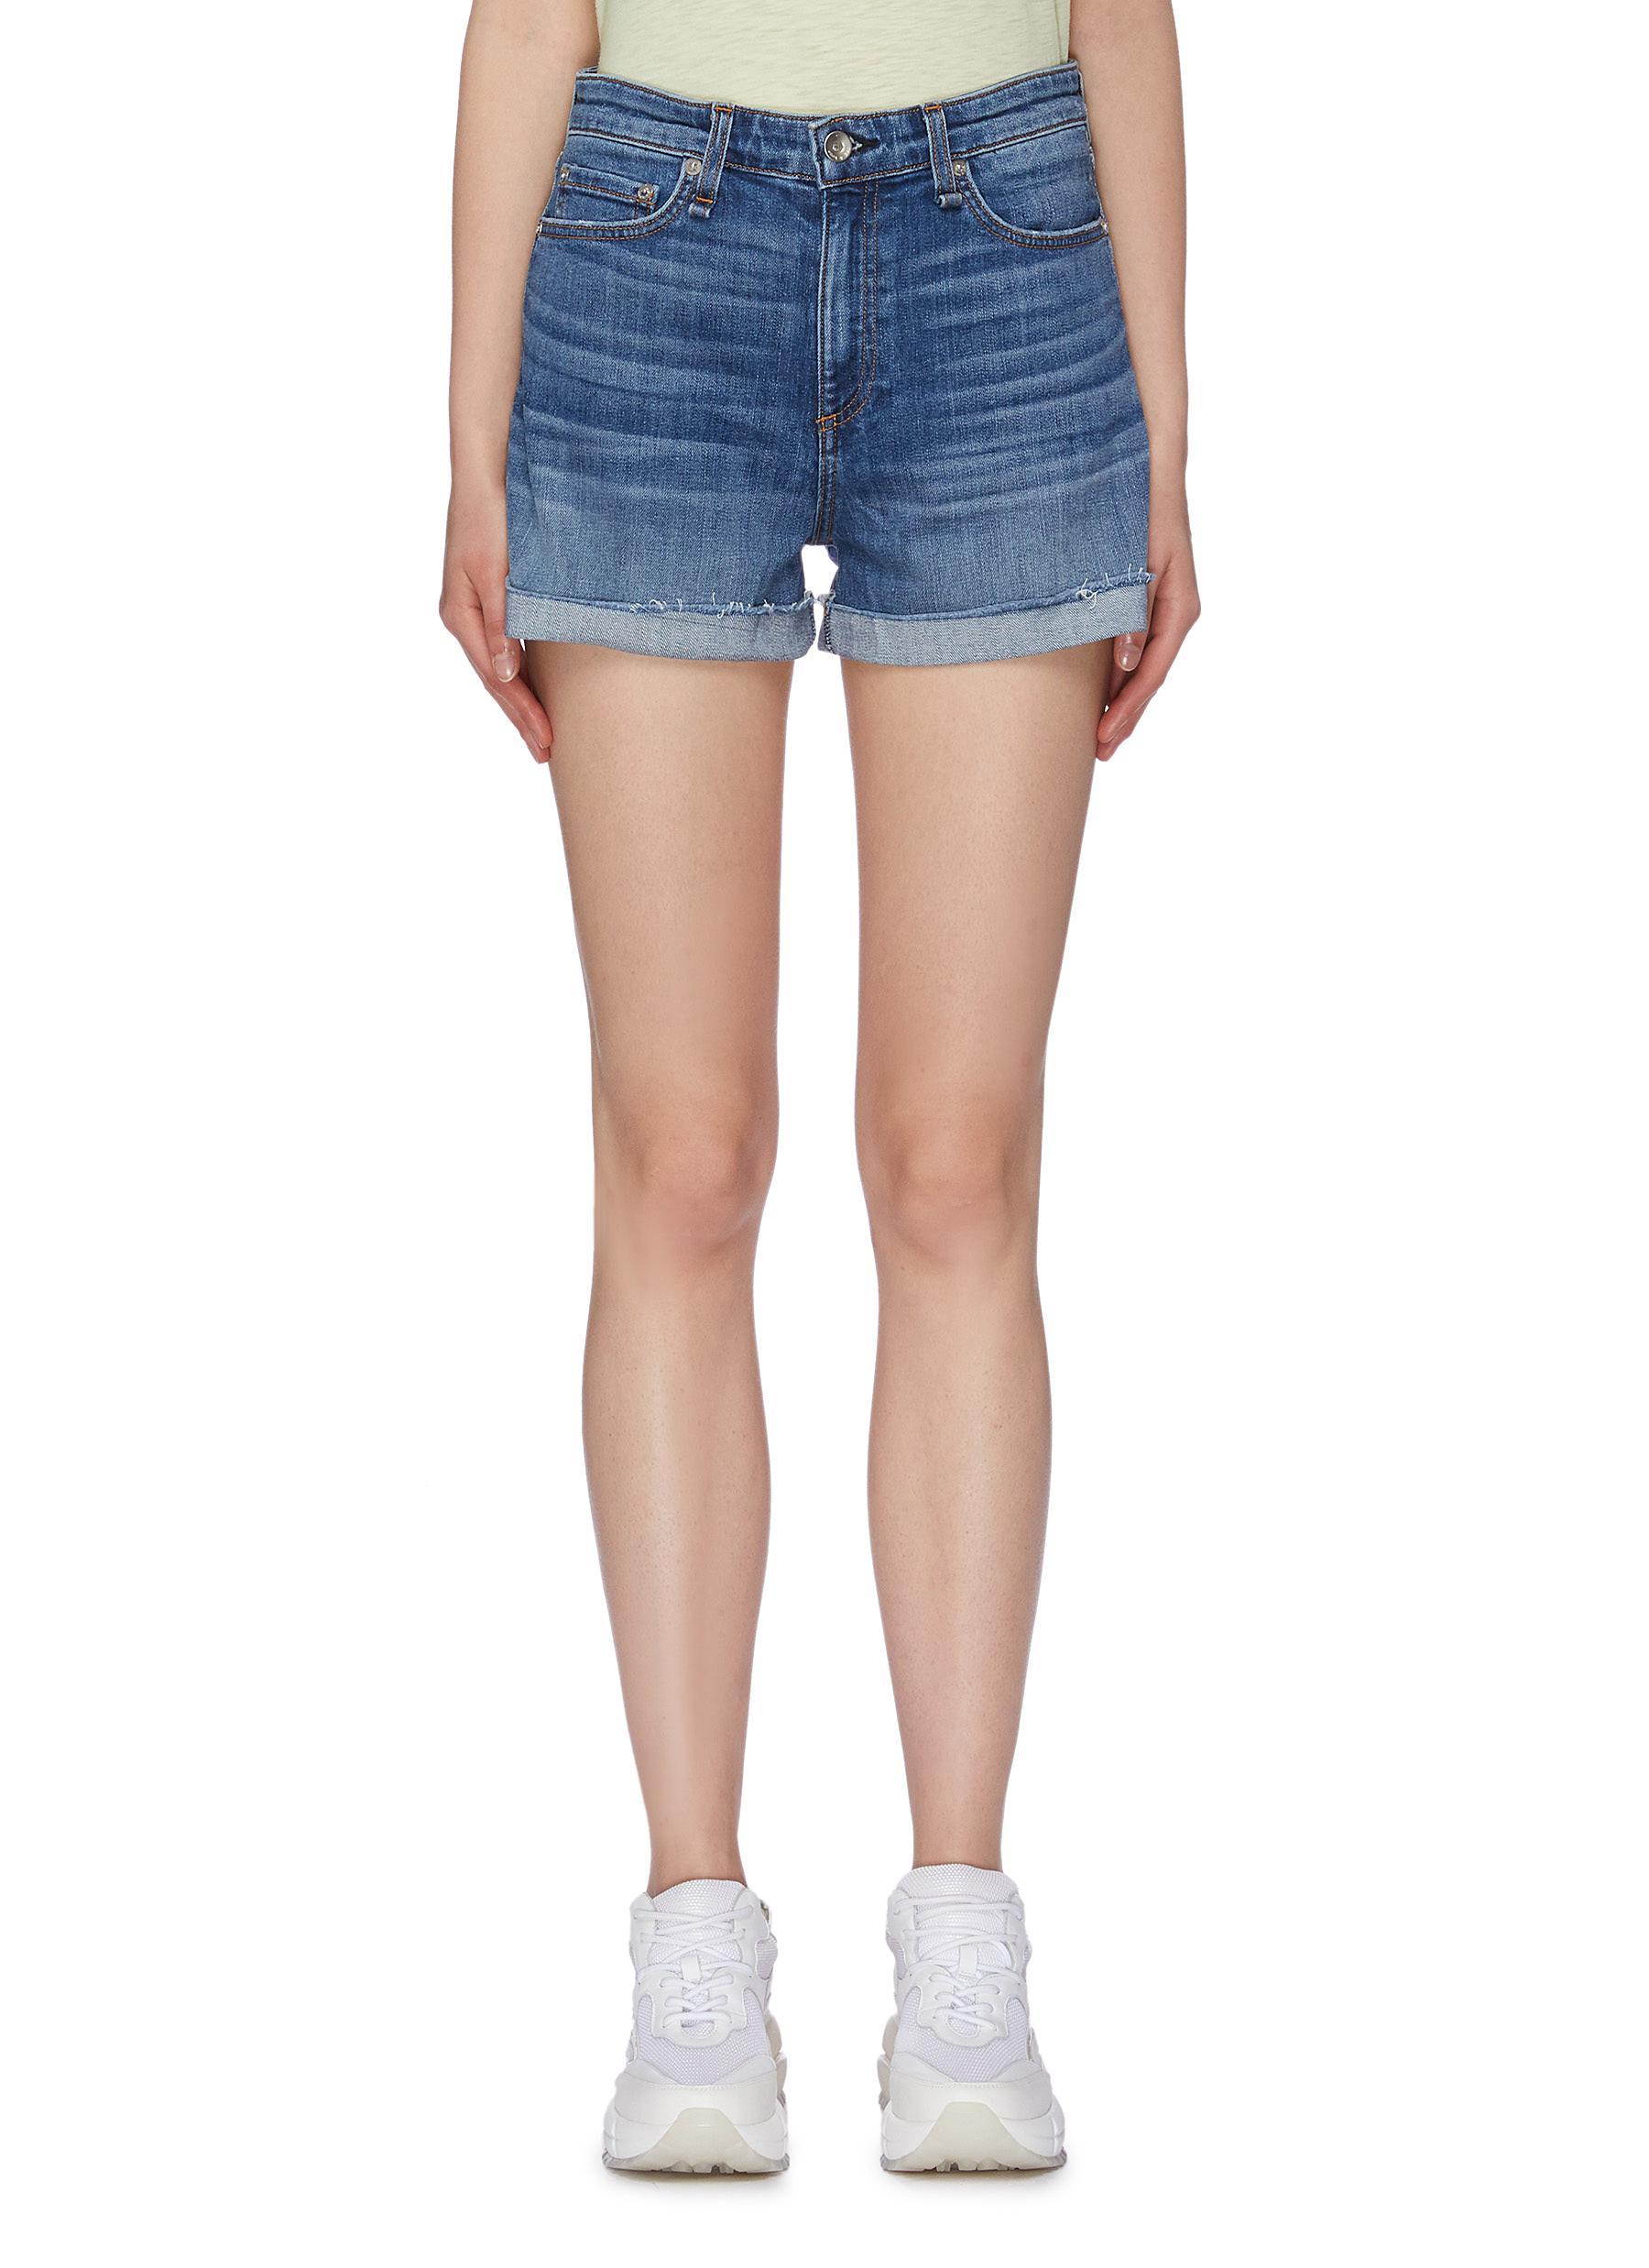 Nina raw roll cuff denim shorts by Rag & Bone/Jean